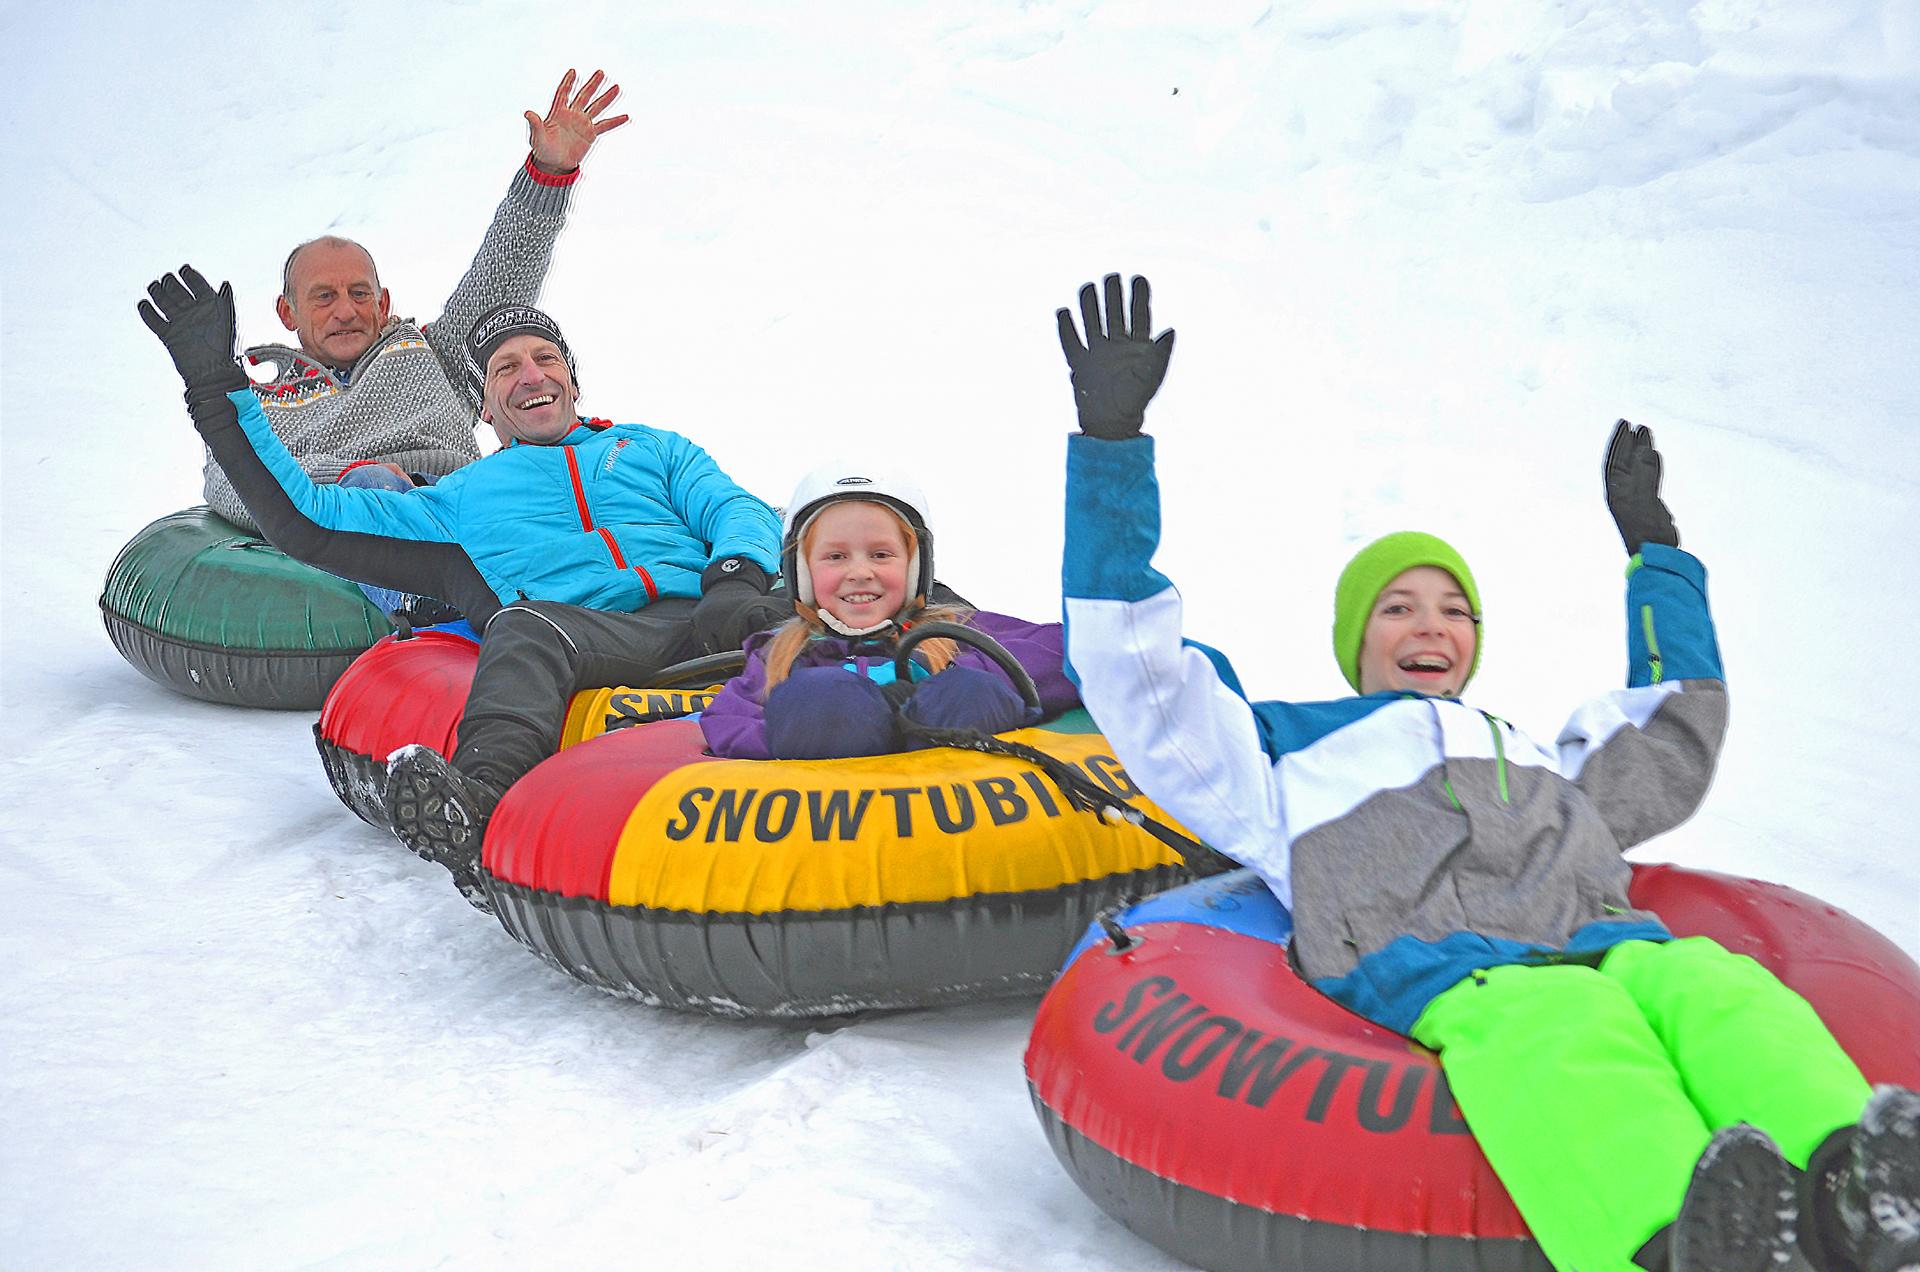 Familie - Kinder, Vater, Großvater - beim Snowtuben